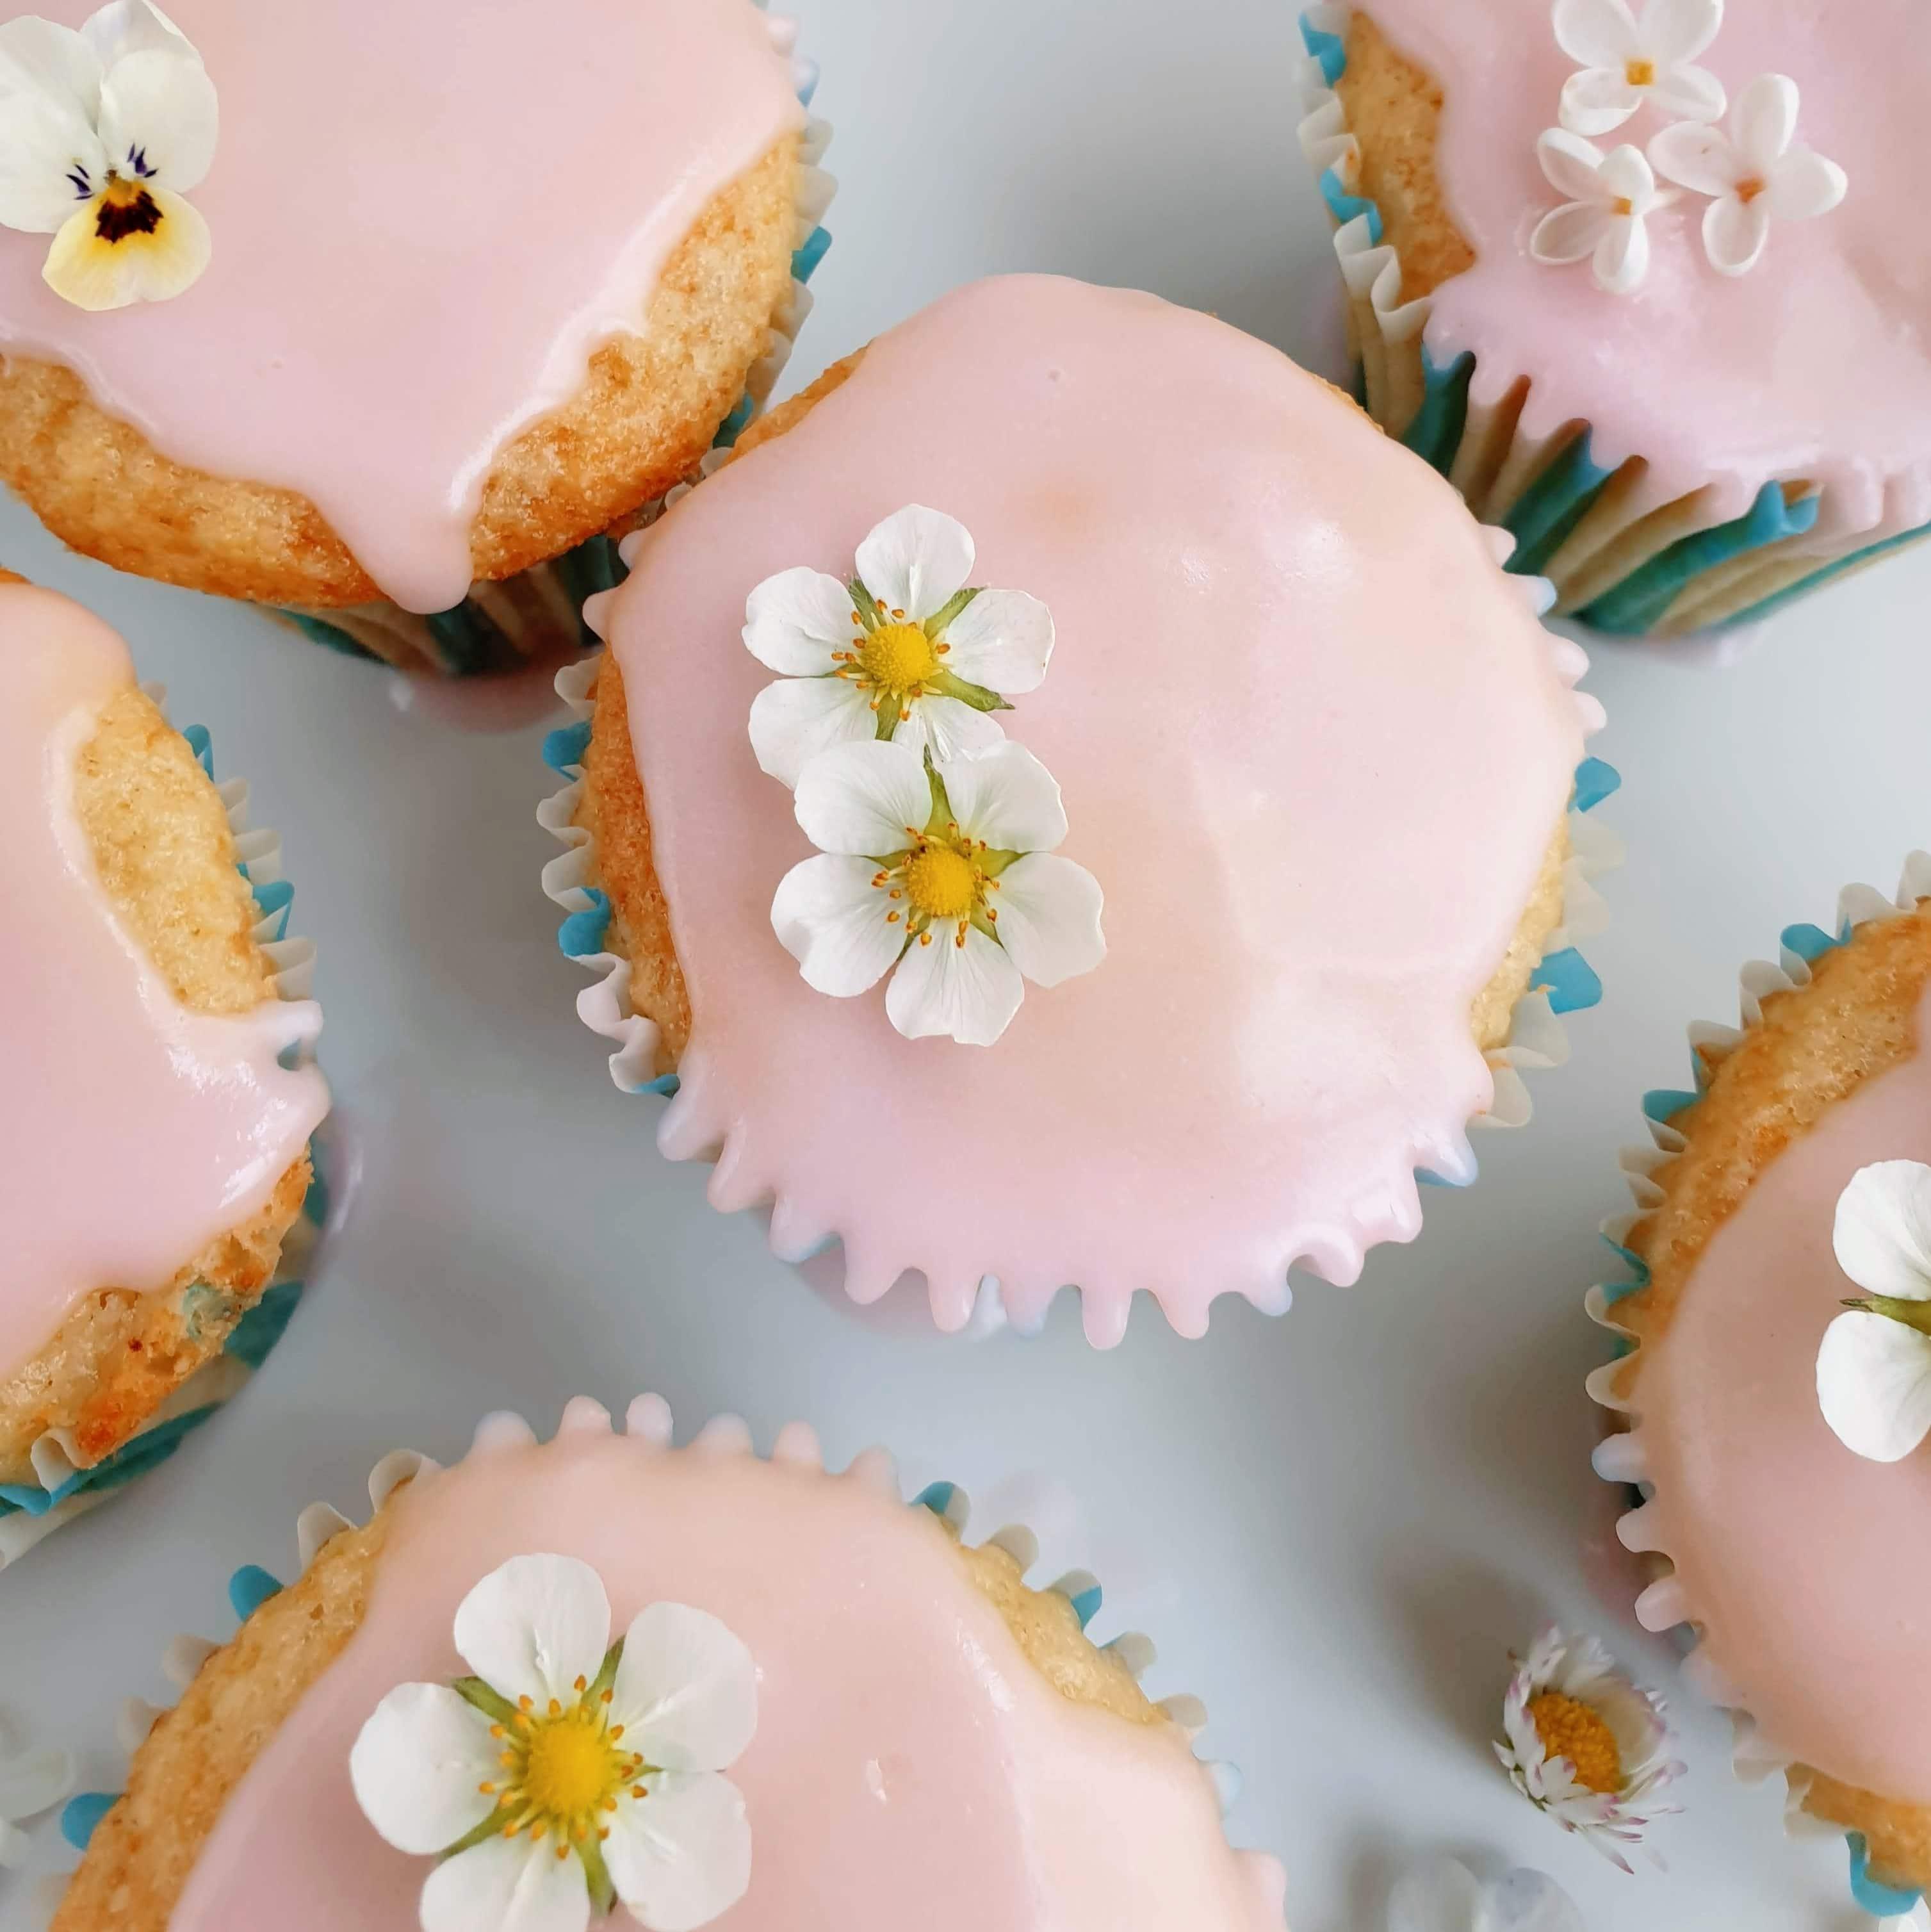 Bag lette og lækre rabarbermuffins med bagte rabarber. Spis dem som de er, lav en rabarberglasur, bag dem med krydret sukkertopping, eller lav de fineste rabarbercupcakes. Find opskrifter, gratis print og inspiration til årets gang på danishthings.com #DanishThings #rabarber #bagte-rabarber #bagte #muffin #muffins #rabarbermuffins #rabarberglasur #kage #rabarbercupcakes #cupcakes